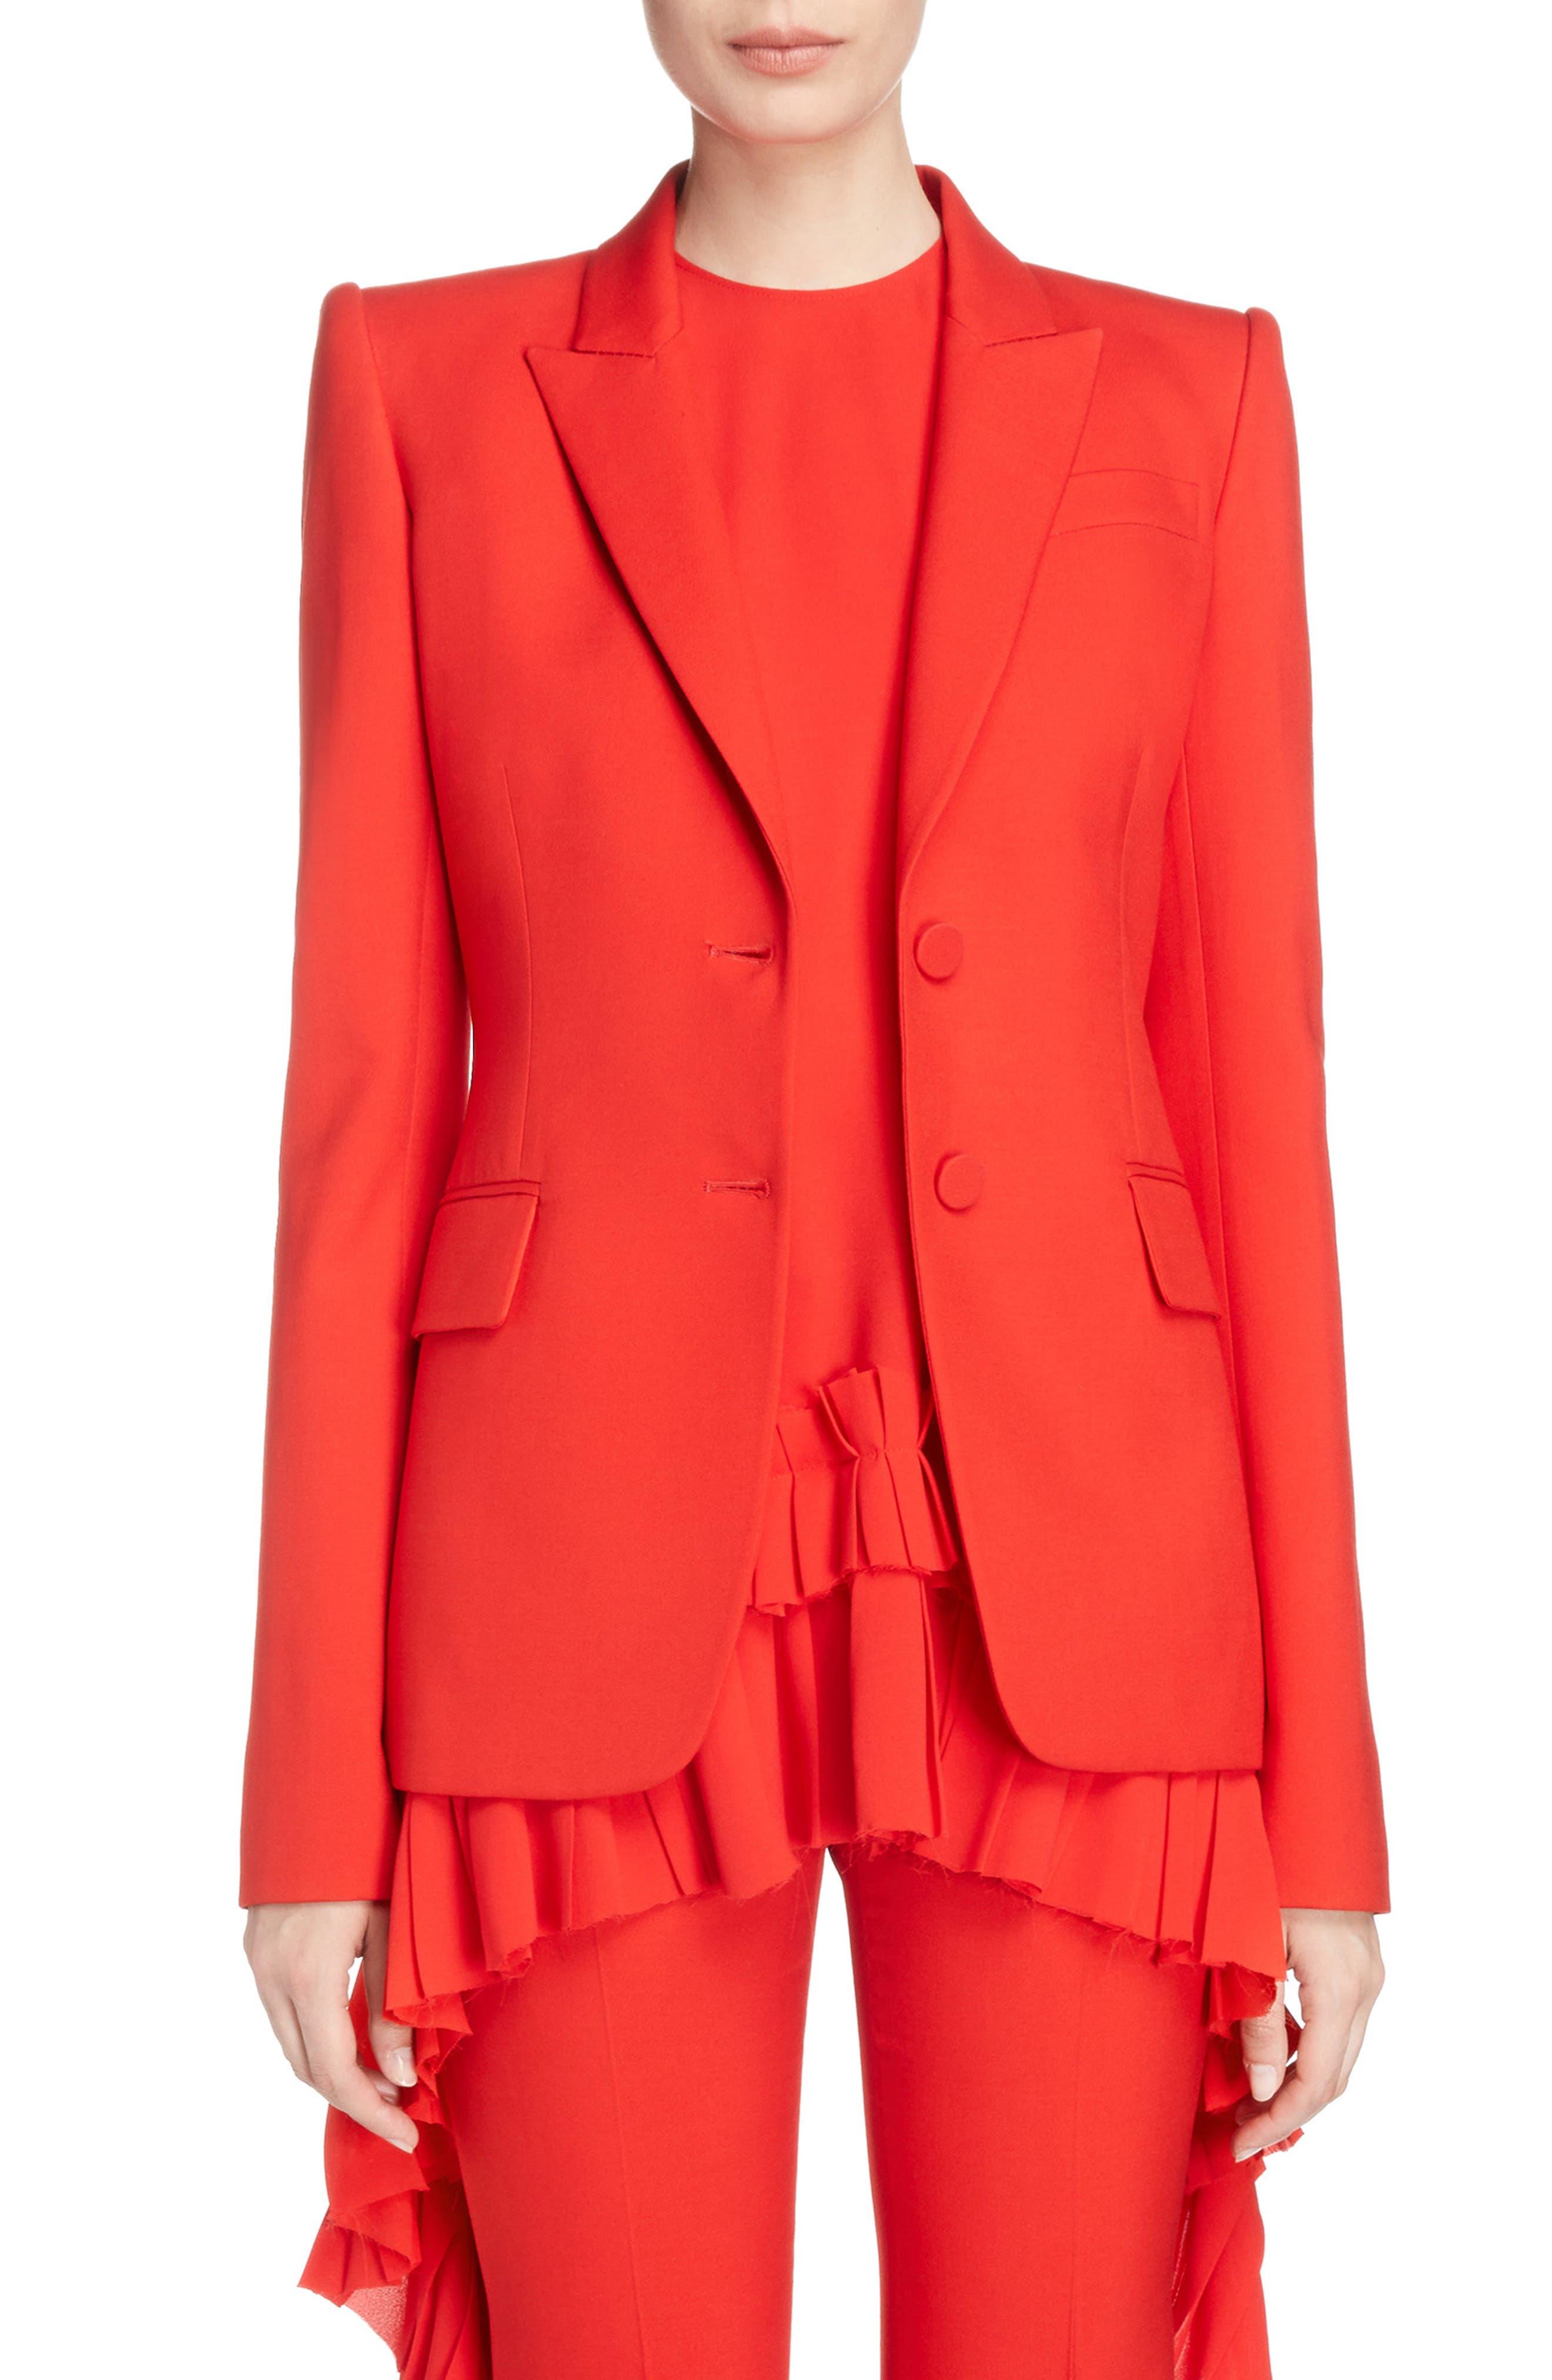 Alexander McQueen Wool & Silk Blend Blazer